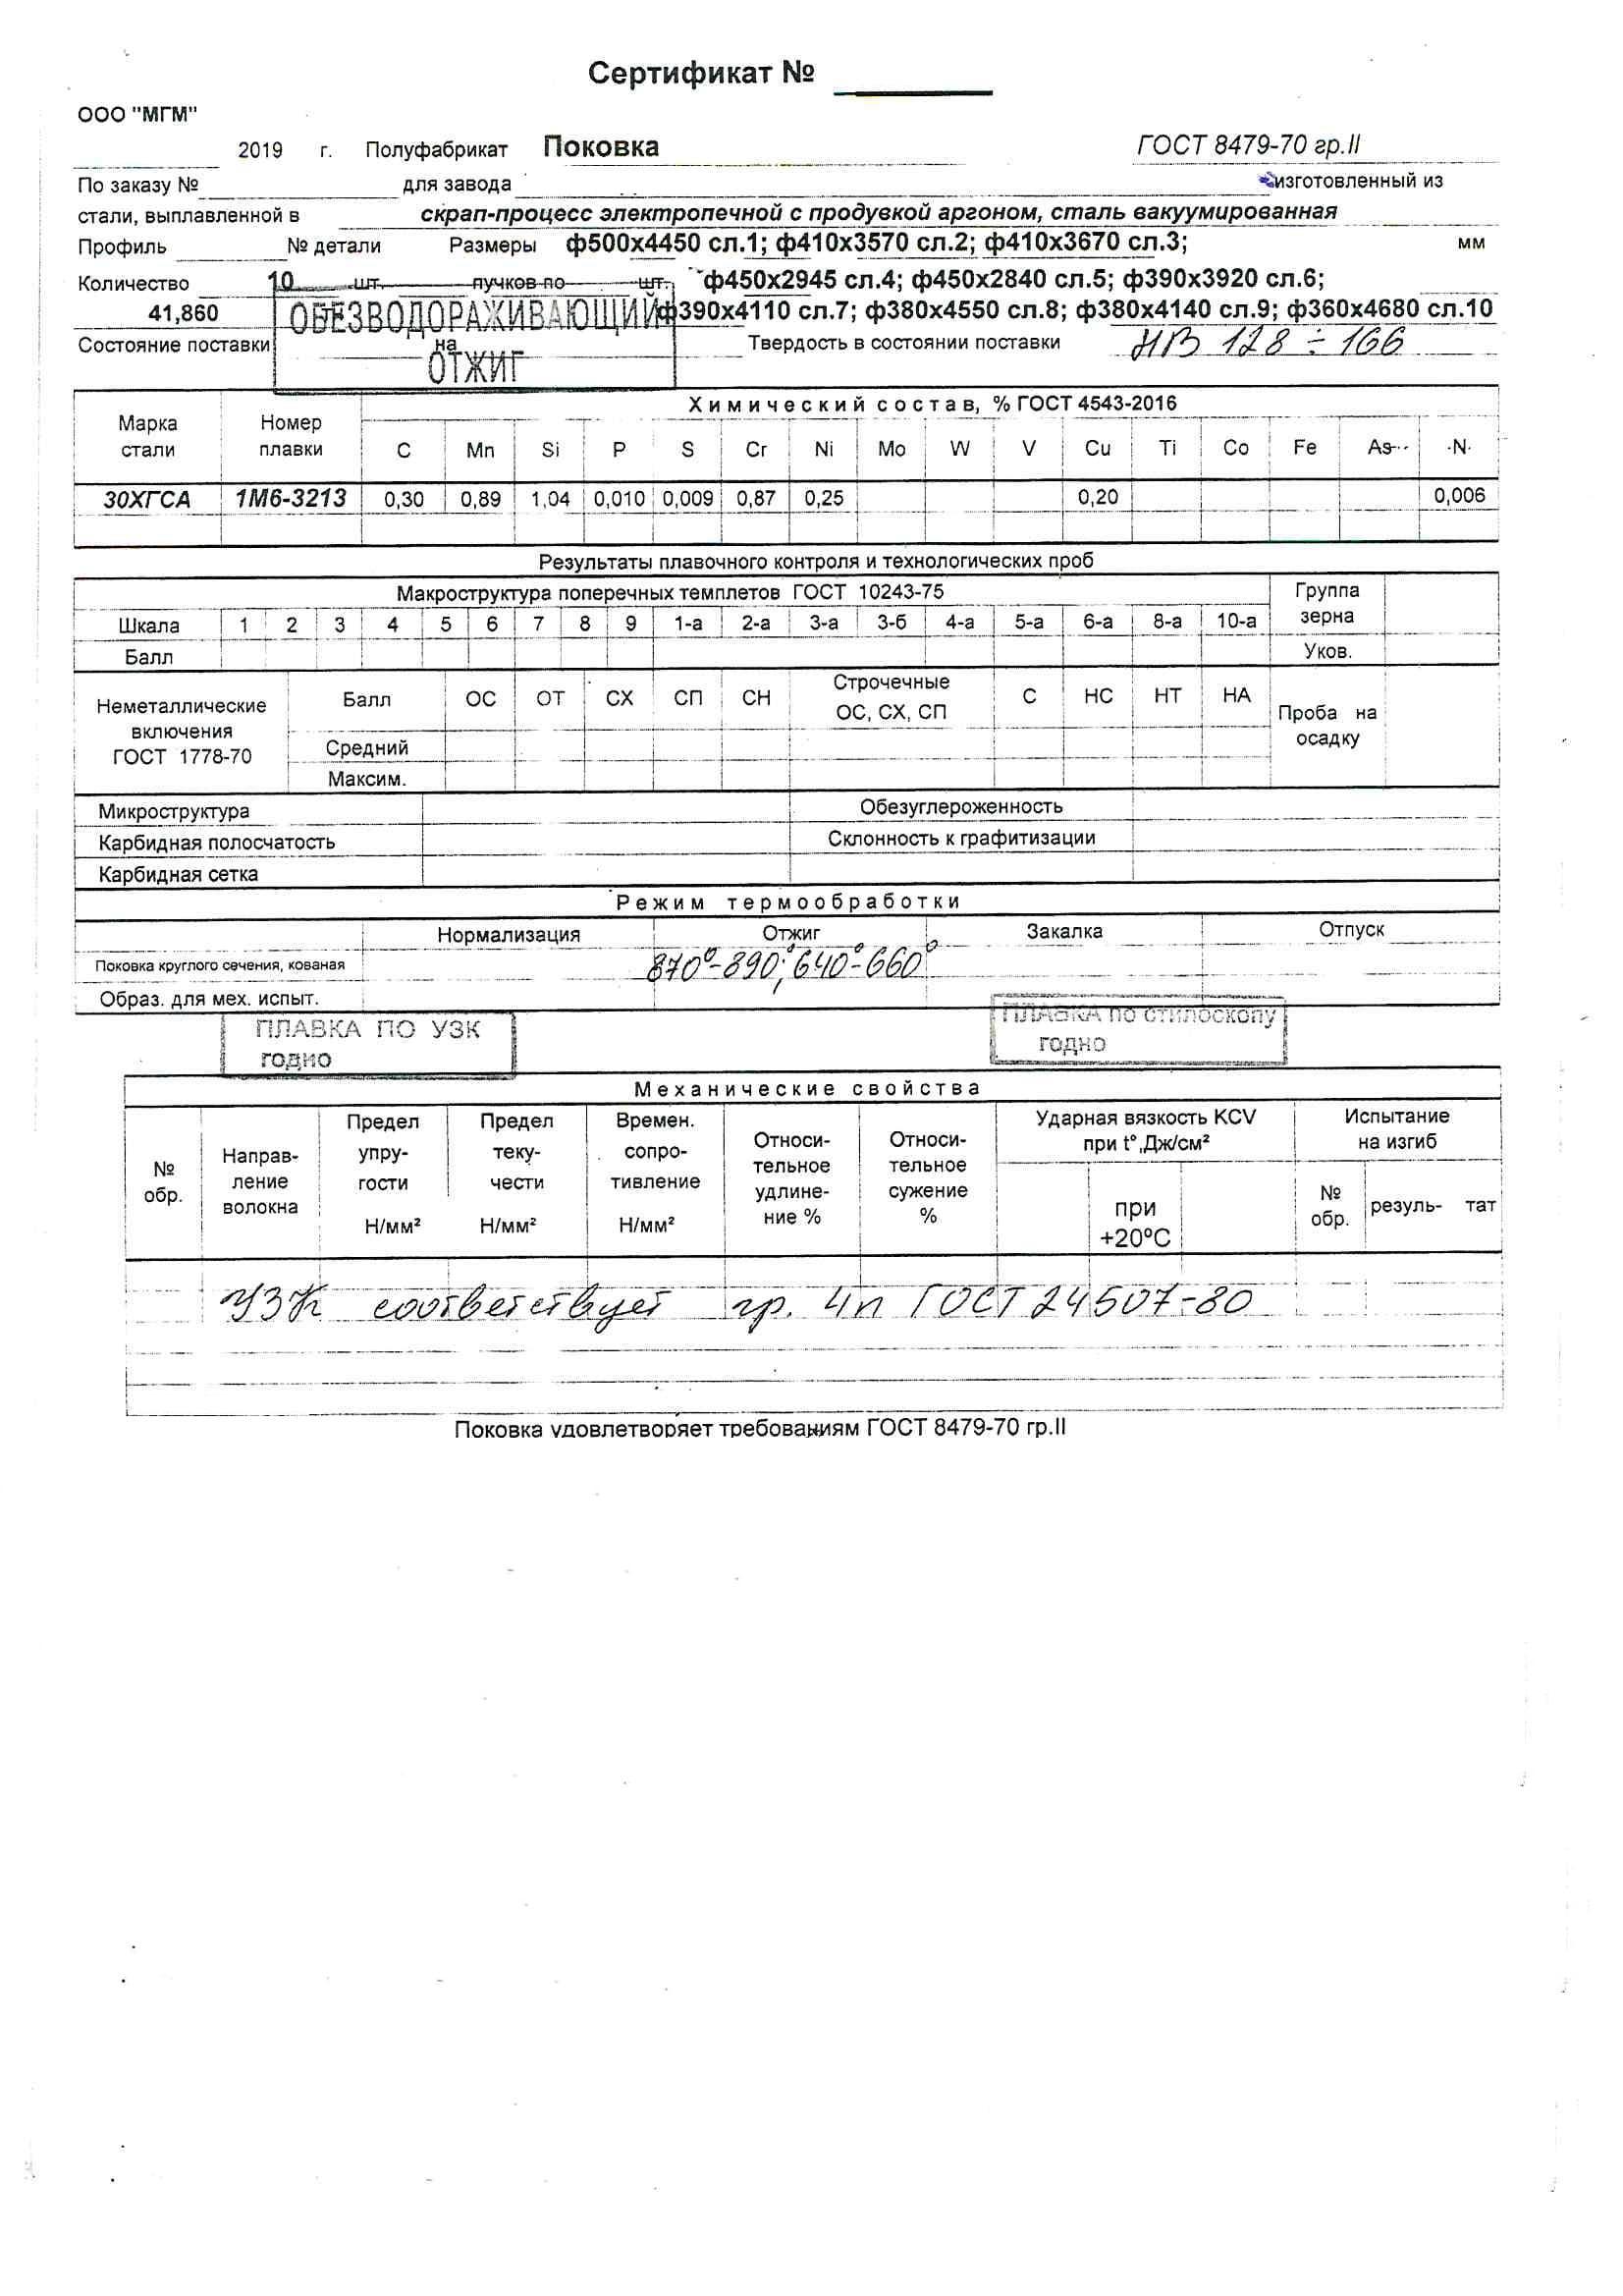 Сертификат поковка 30хгса